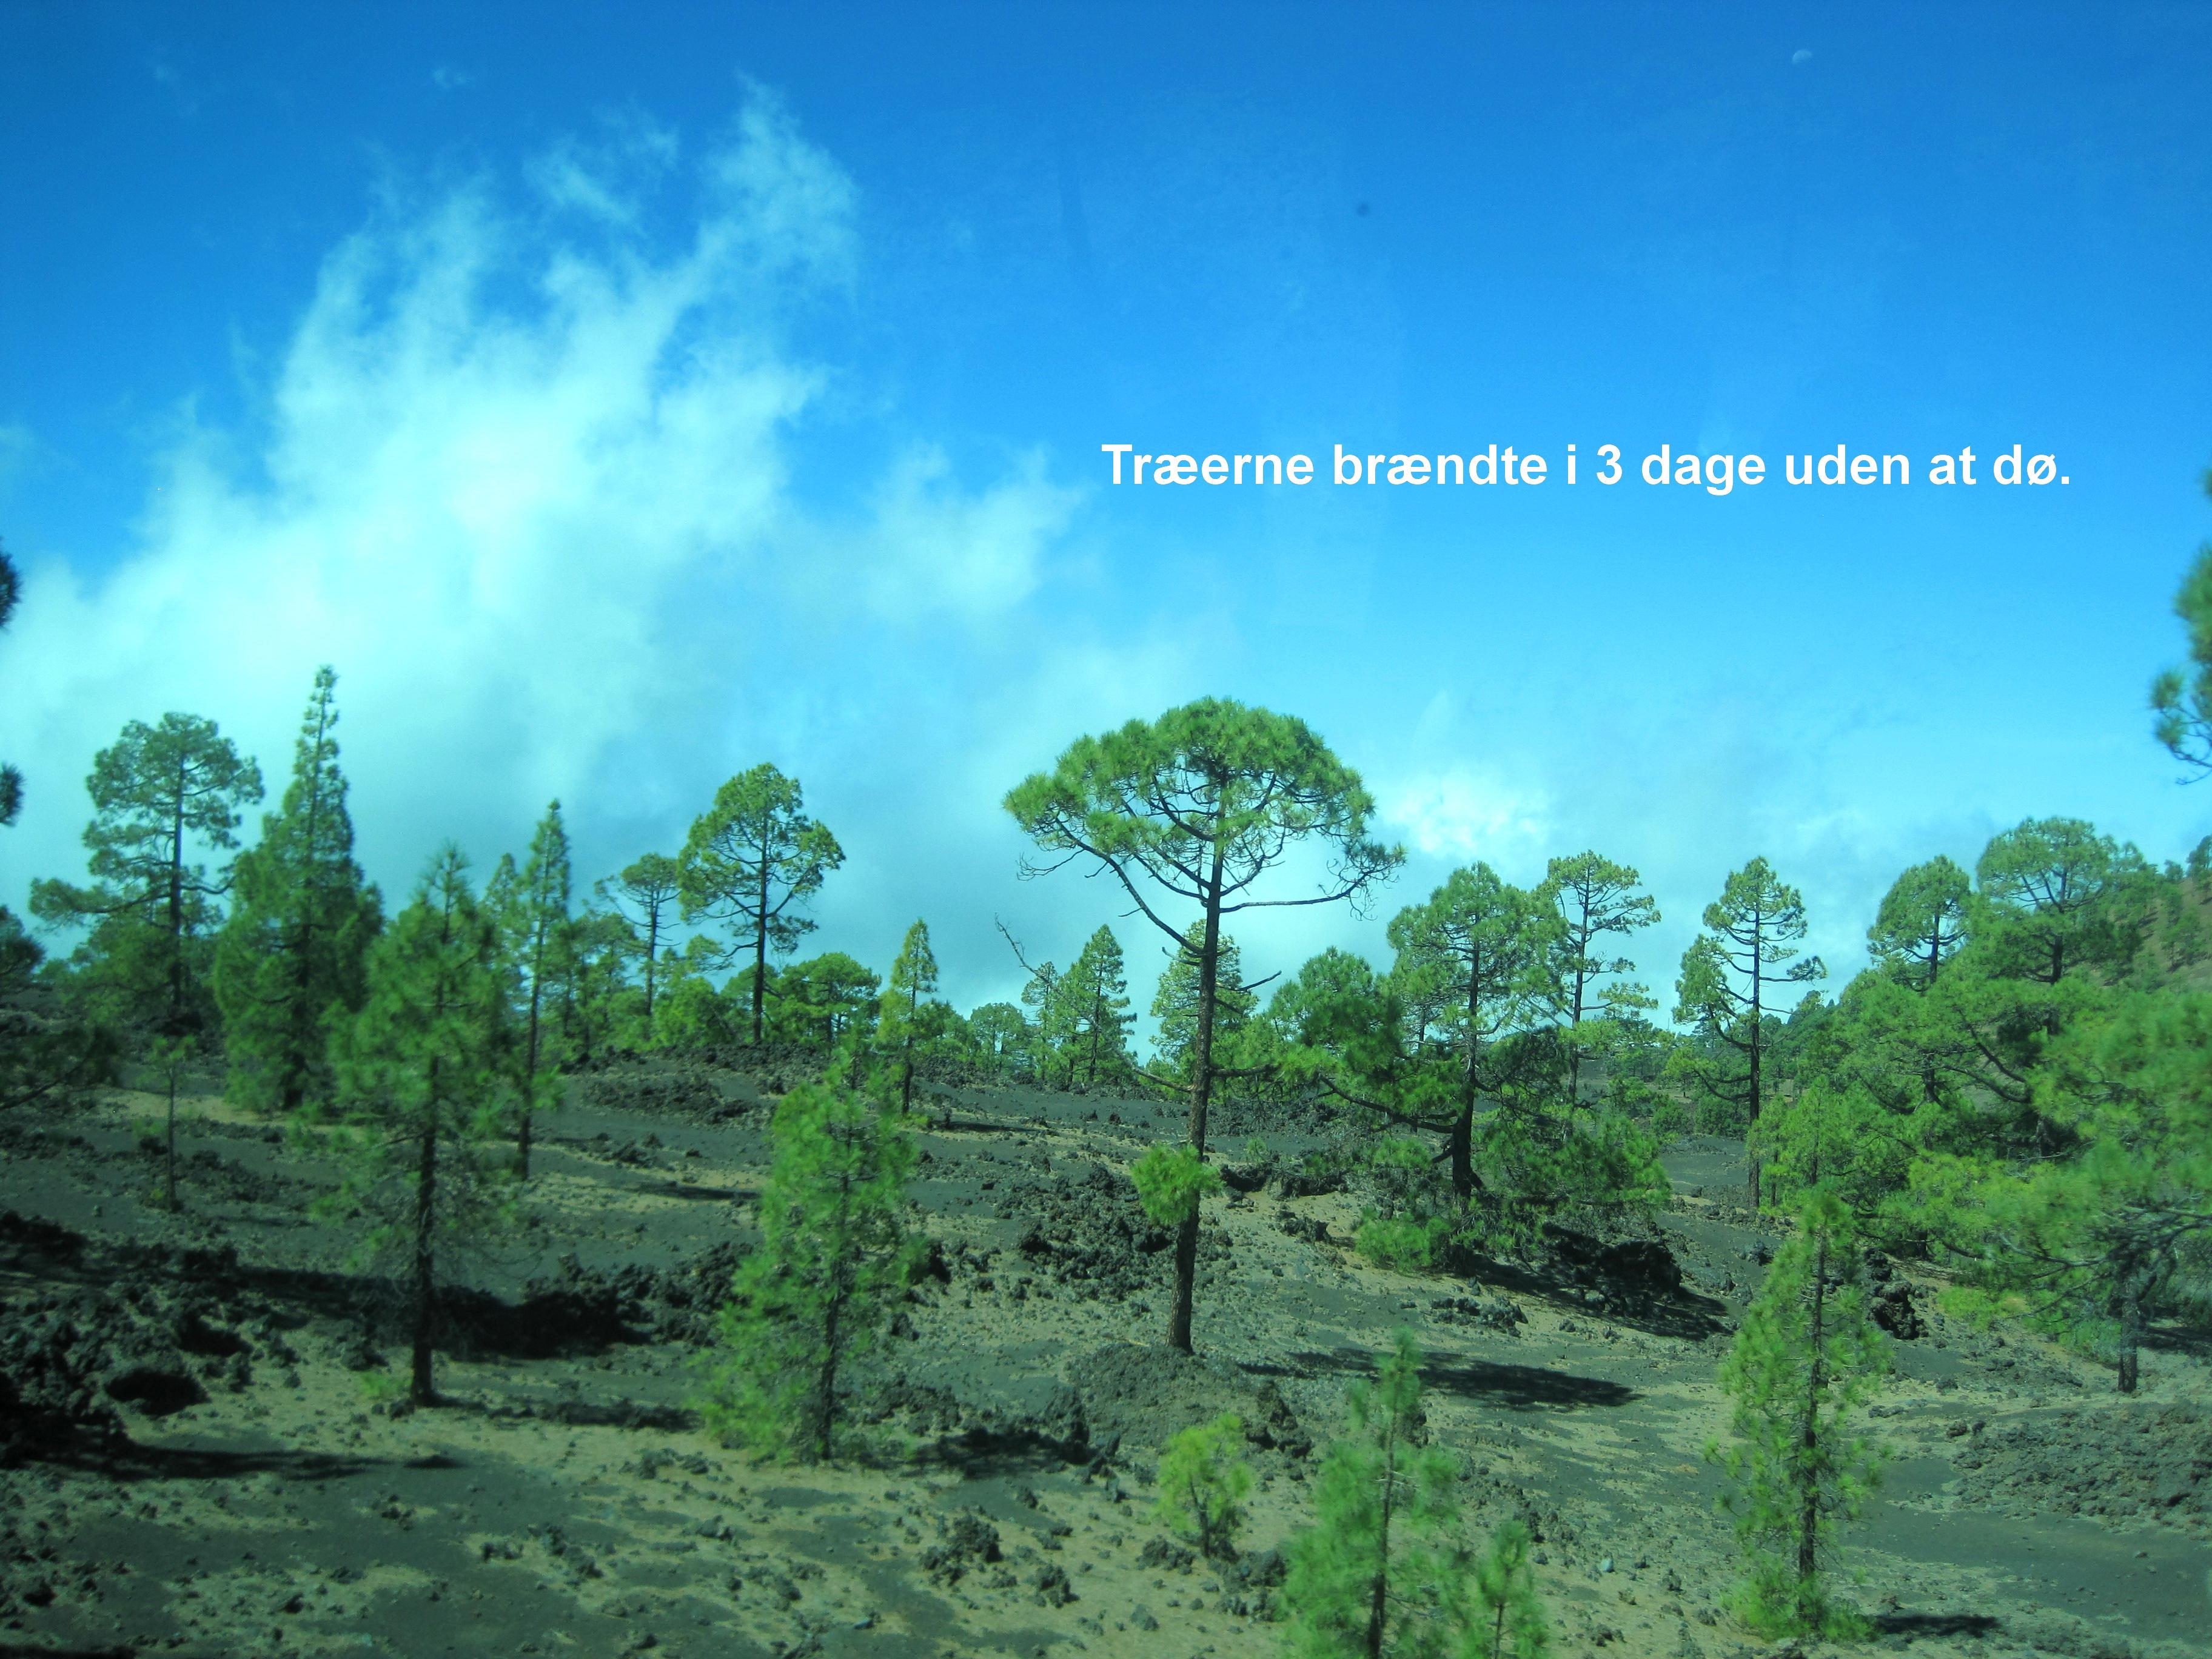 Træerne brændte